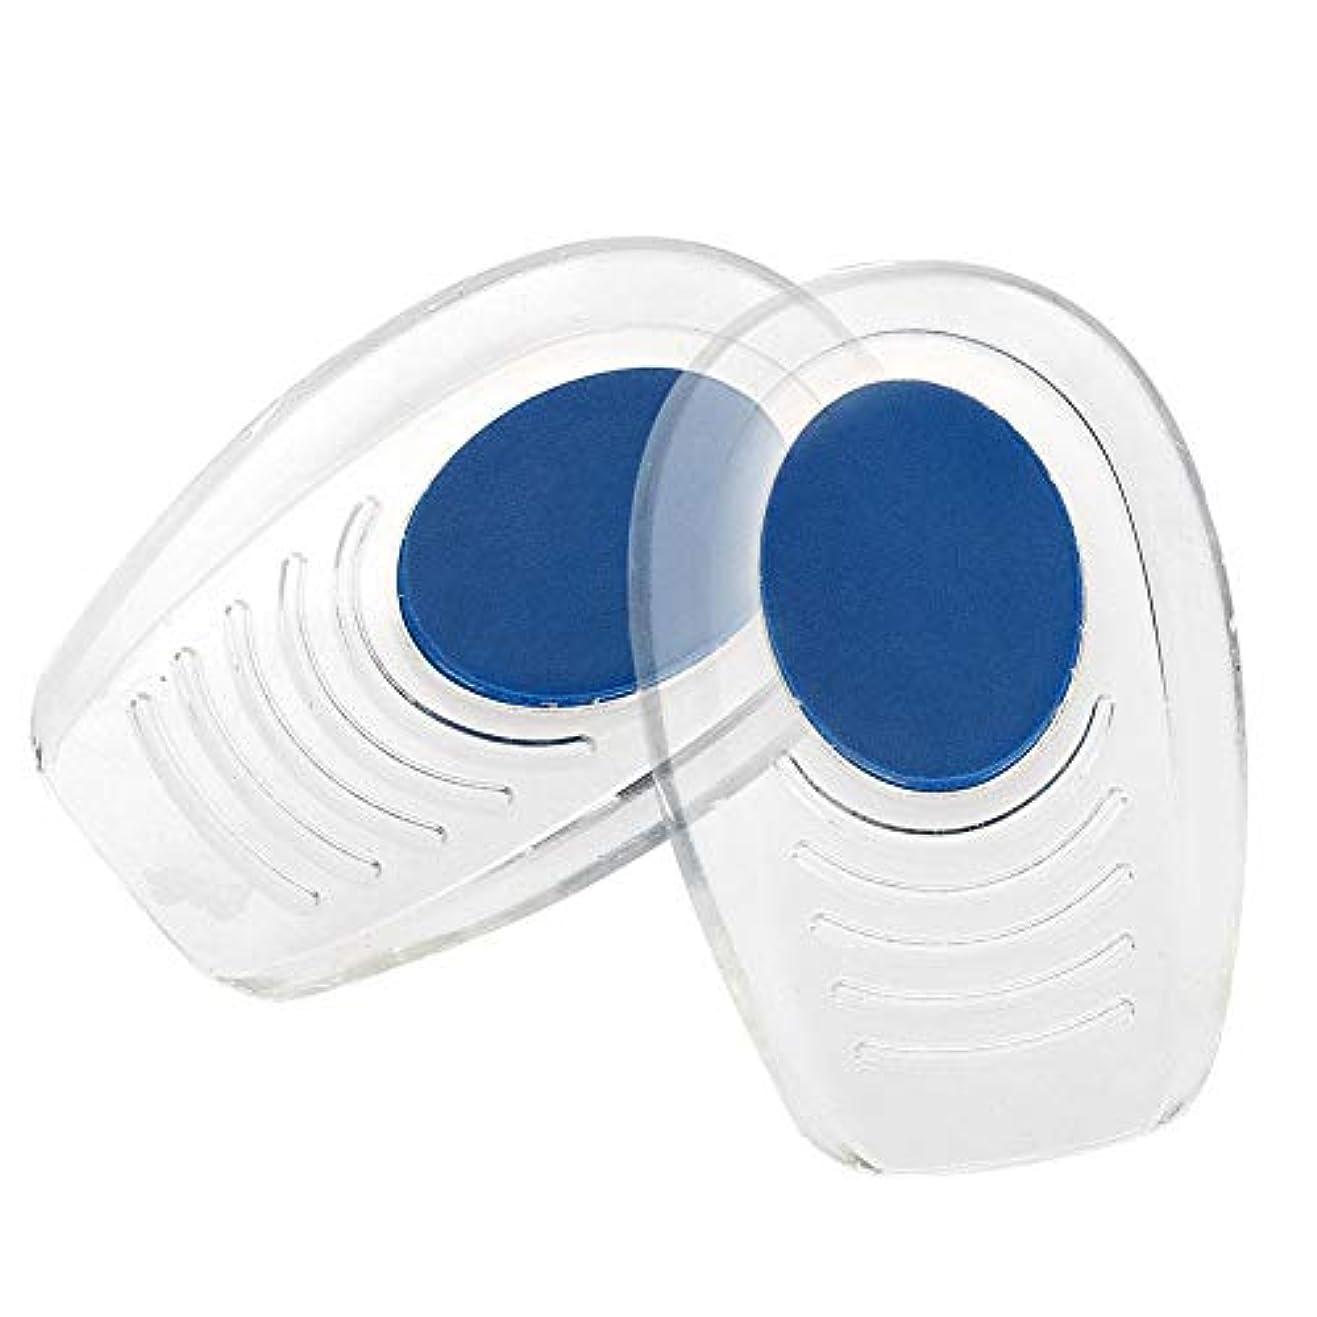 ソフトインソール かかと痛みパッド   シリコーン衝撃吸収ヒールパッド (滑り止めテクスチャー付) ブルー パッドフットケアツール (S(7*10.5CM))